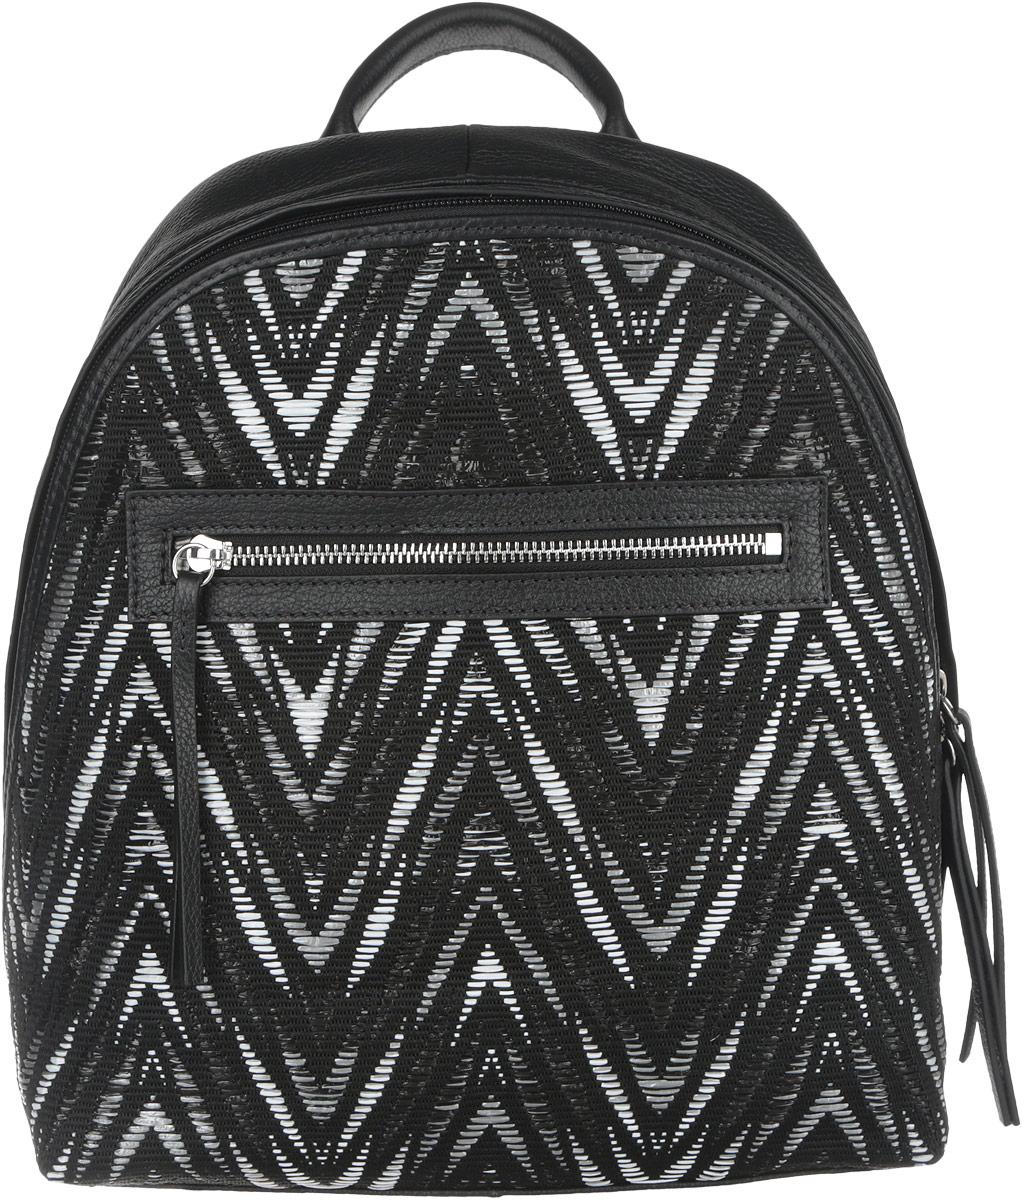 Рюкзак женский Pimo Betti, цвет: черный. 14390B4-W414390B4-W4Стильный женский рюкзак Pimo Betti выполнен из натуральной кожи и текстиля. Модель оформлена оригинальным узором. Изделие содержит одно основное отделение, закрывающееся на пластиковую застежку-молнию. Внутри расположены два накладных кармашка для мелочей и телефона и врезной карман на молнии. Лицевая сторона рюкзака дополнена прорезным карманом, который закрывается на металлическую застежку-молнию. Спинка изделия дополнена небольшим врезным карманом на молнии. Рюкзак оснащен удобными плечевыми лямками регулируемой длины, а также ручкой для переноски. Прилагается фирменный текстильный чехол для хранения. Практичный аксессуар позволит вам завершить свой образ и быть неотразимой.